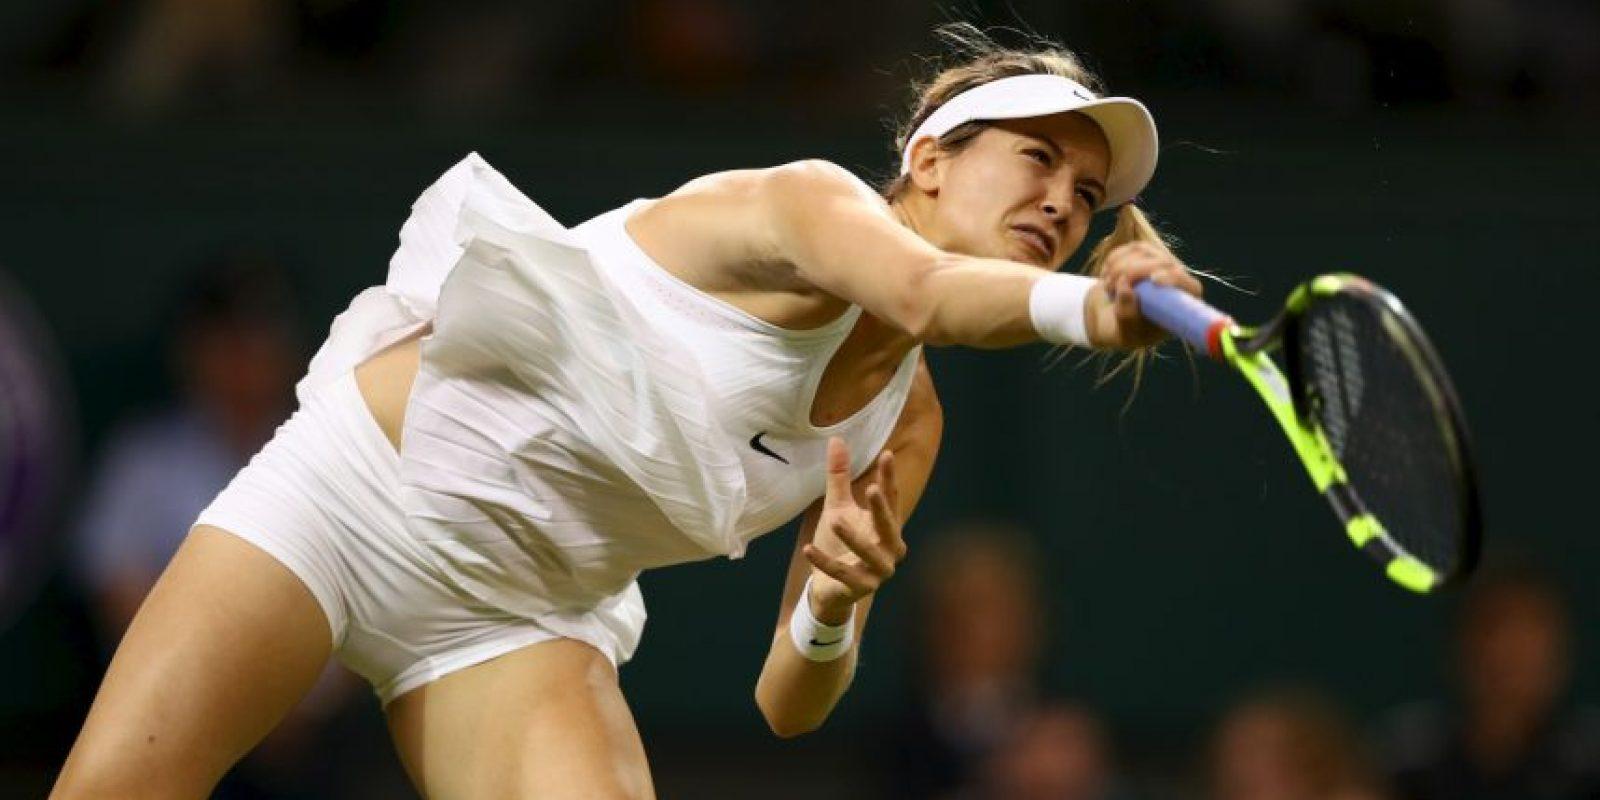 Los polémicos vestidos de Nike para Wimbledon Foto:Getty Images